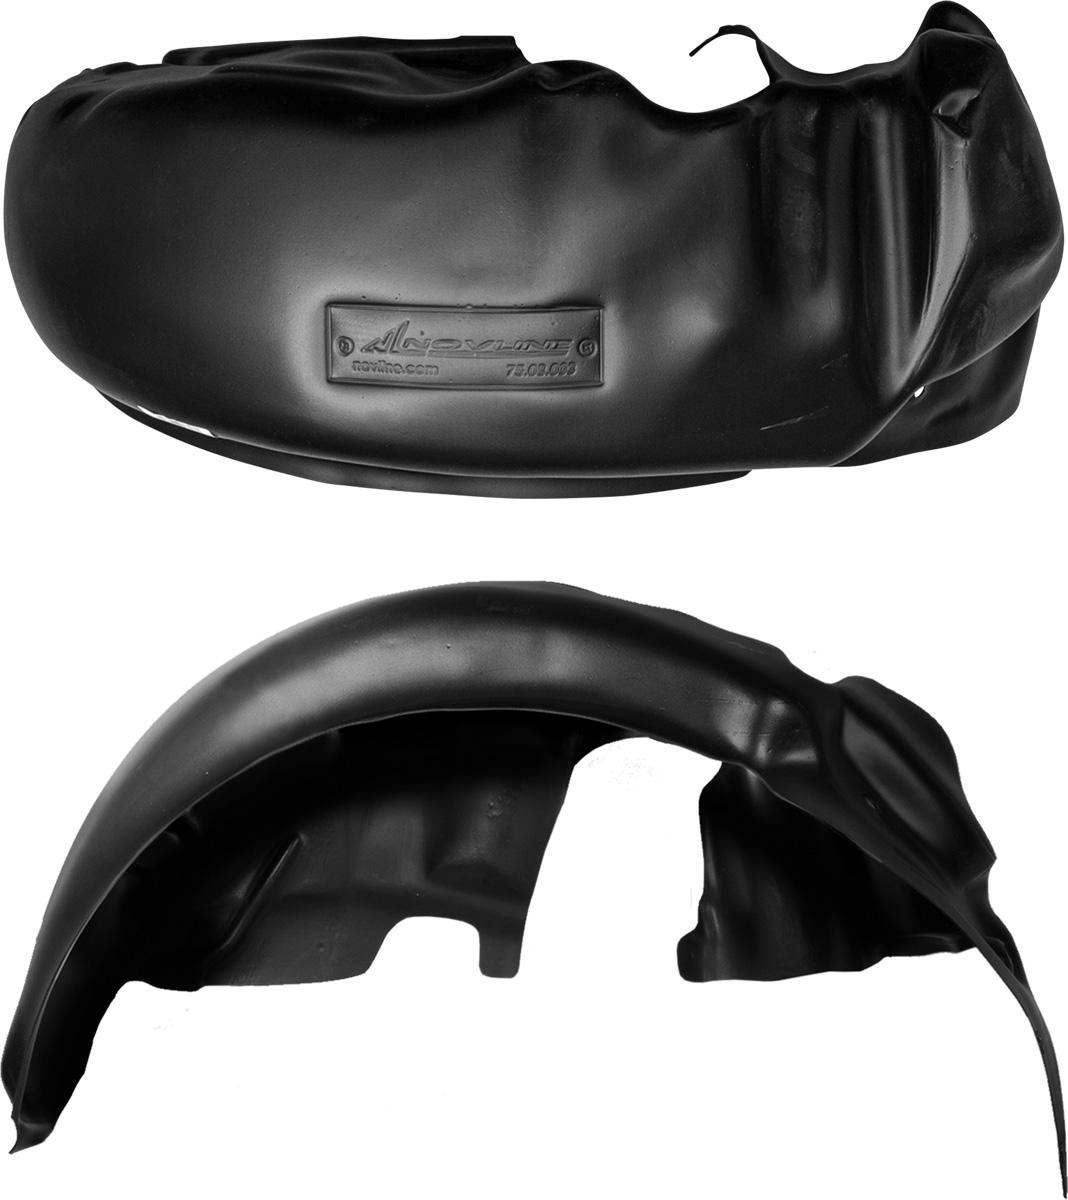 Подкрылок RENAULT Logan, 2014->, задний правыйNLL.41.33.004Колесные ниши – одни из самых уязвимых зон днища вашего автомобиля. Они постоянно подвергаются воздействию со стороны дороги. Лучшая, почти абсолютная защита для них - специально отформованные пластиковые кожухи, которые называются подкрылками, или локерами. Производятся они как для отечественных моделей автомобилей, так и для иномарок. Подкрылки выполнены из высококачественного, экологически чистого пластика. Обеспечивают надежную защиту кузова автомобиля от пескоструйного эффекта и негативного влияния, агрессивных антигололедных реагентов. Пластик обладает более низкой теплопроводностью, чем металл, поэтому в зимний период эксплуатации использование пластиковых подкрылков позволяет лучше защитить колесные ниши от налипания снега и образования наледи. Оригинальность конструкции подчеркивает элегантность автомобиля, бережно защищает нанесенное на днище кузова антикоррозийное покрытие и позволяет осуществить крепление подкрылков внутри колесной арки практически без дополнительного...